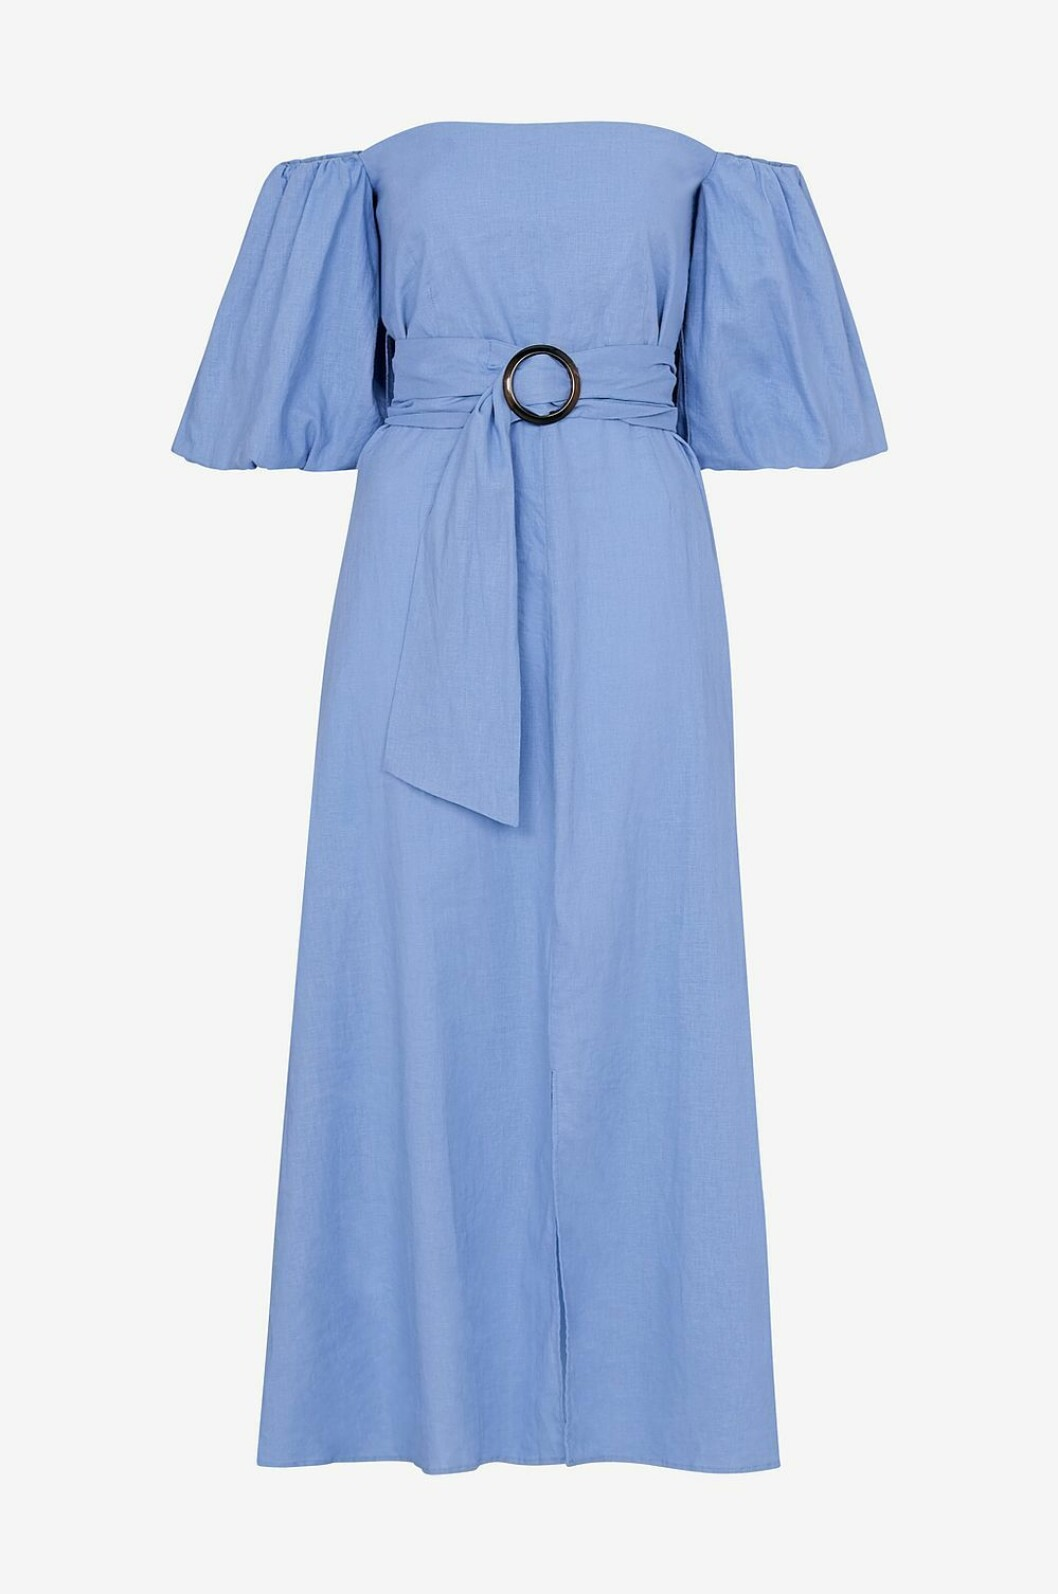 Blå klänning till bröllop 2019